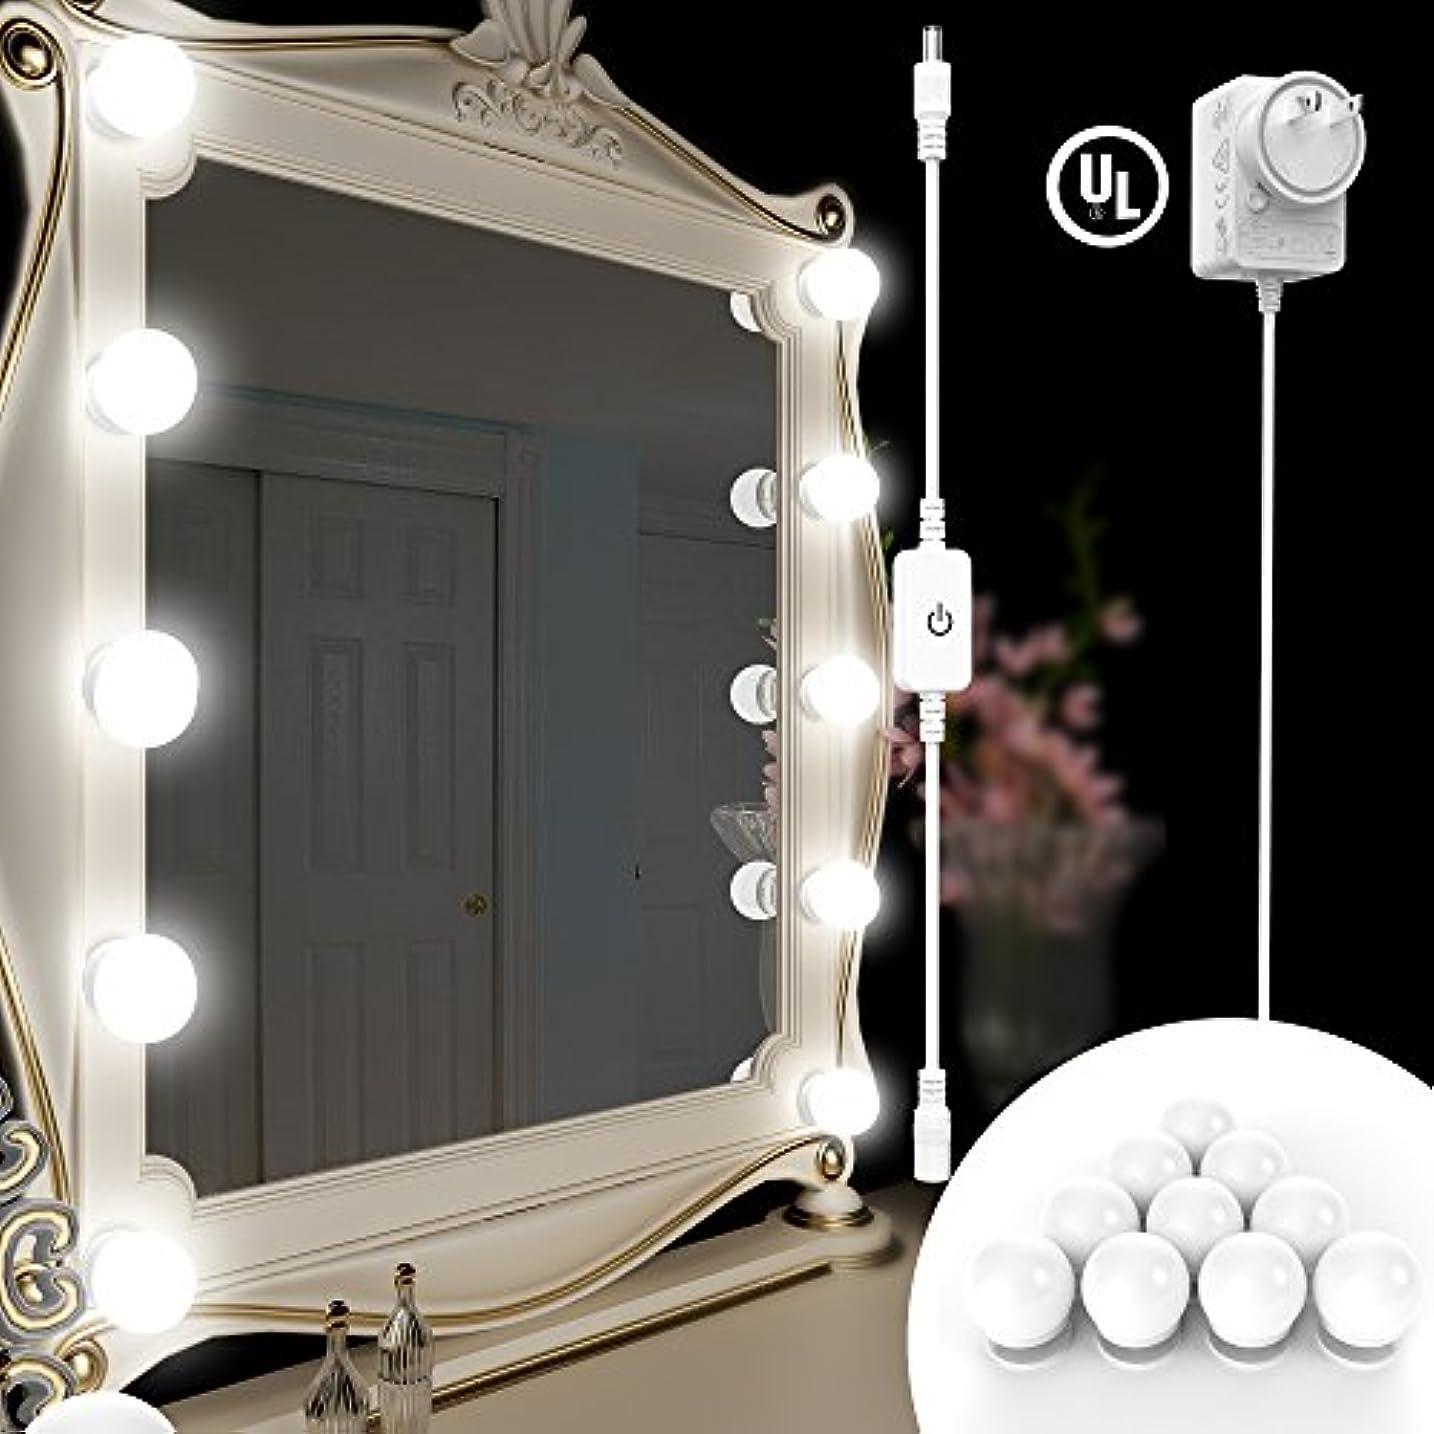 溶けた照らすアラブサラボBlueFire DIY 化粧鏡 LEDライト 女優ミラーライト ハリウッドライト ドレッサーライト 10個LED電球 明るさ調節可能 全長3.6M 隠し配線 メイクアップミラーライト バニティミラーライトキット